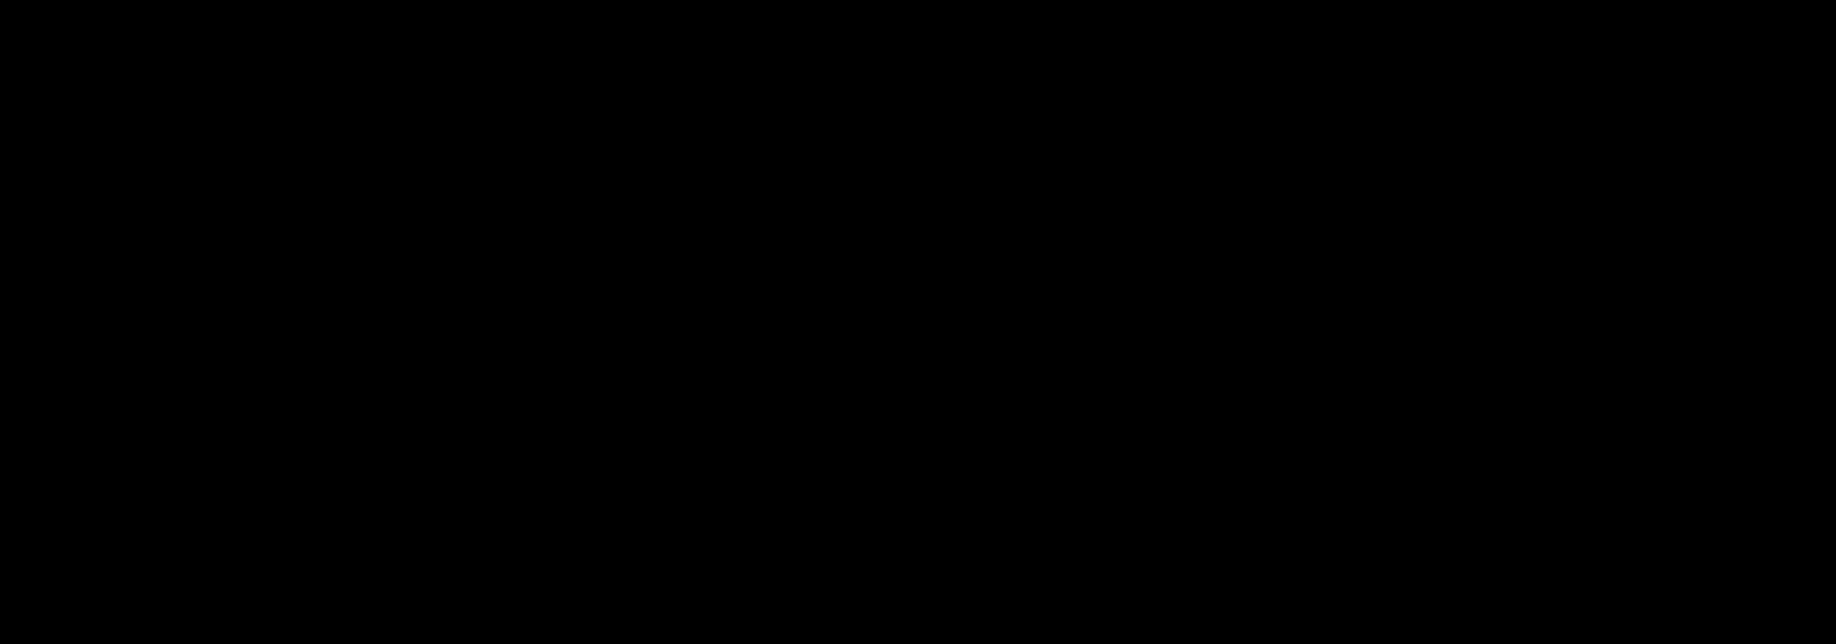 A 803467-d<sub>6</sub>